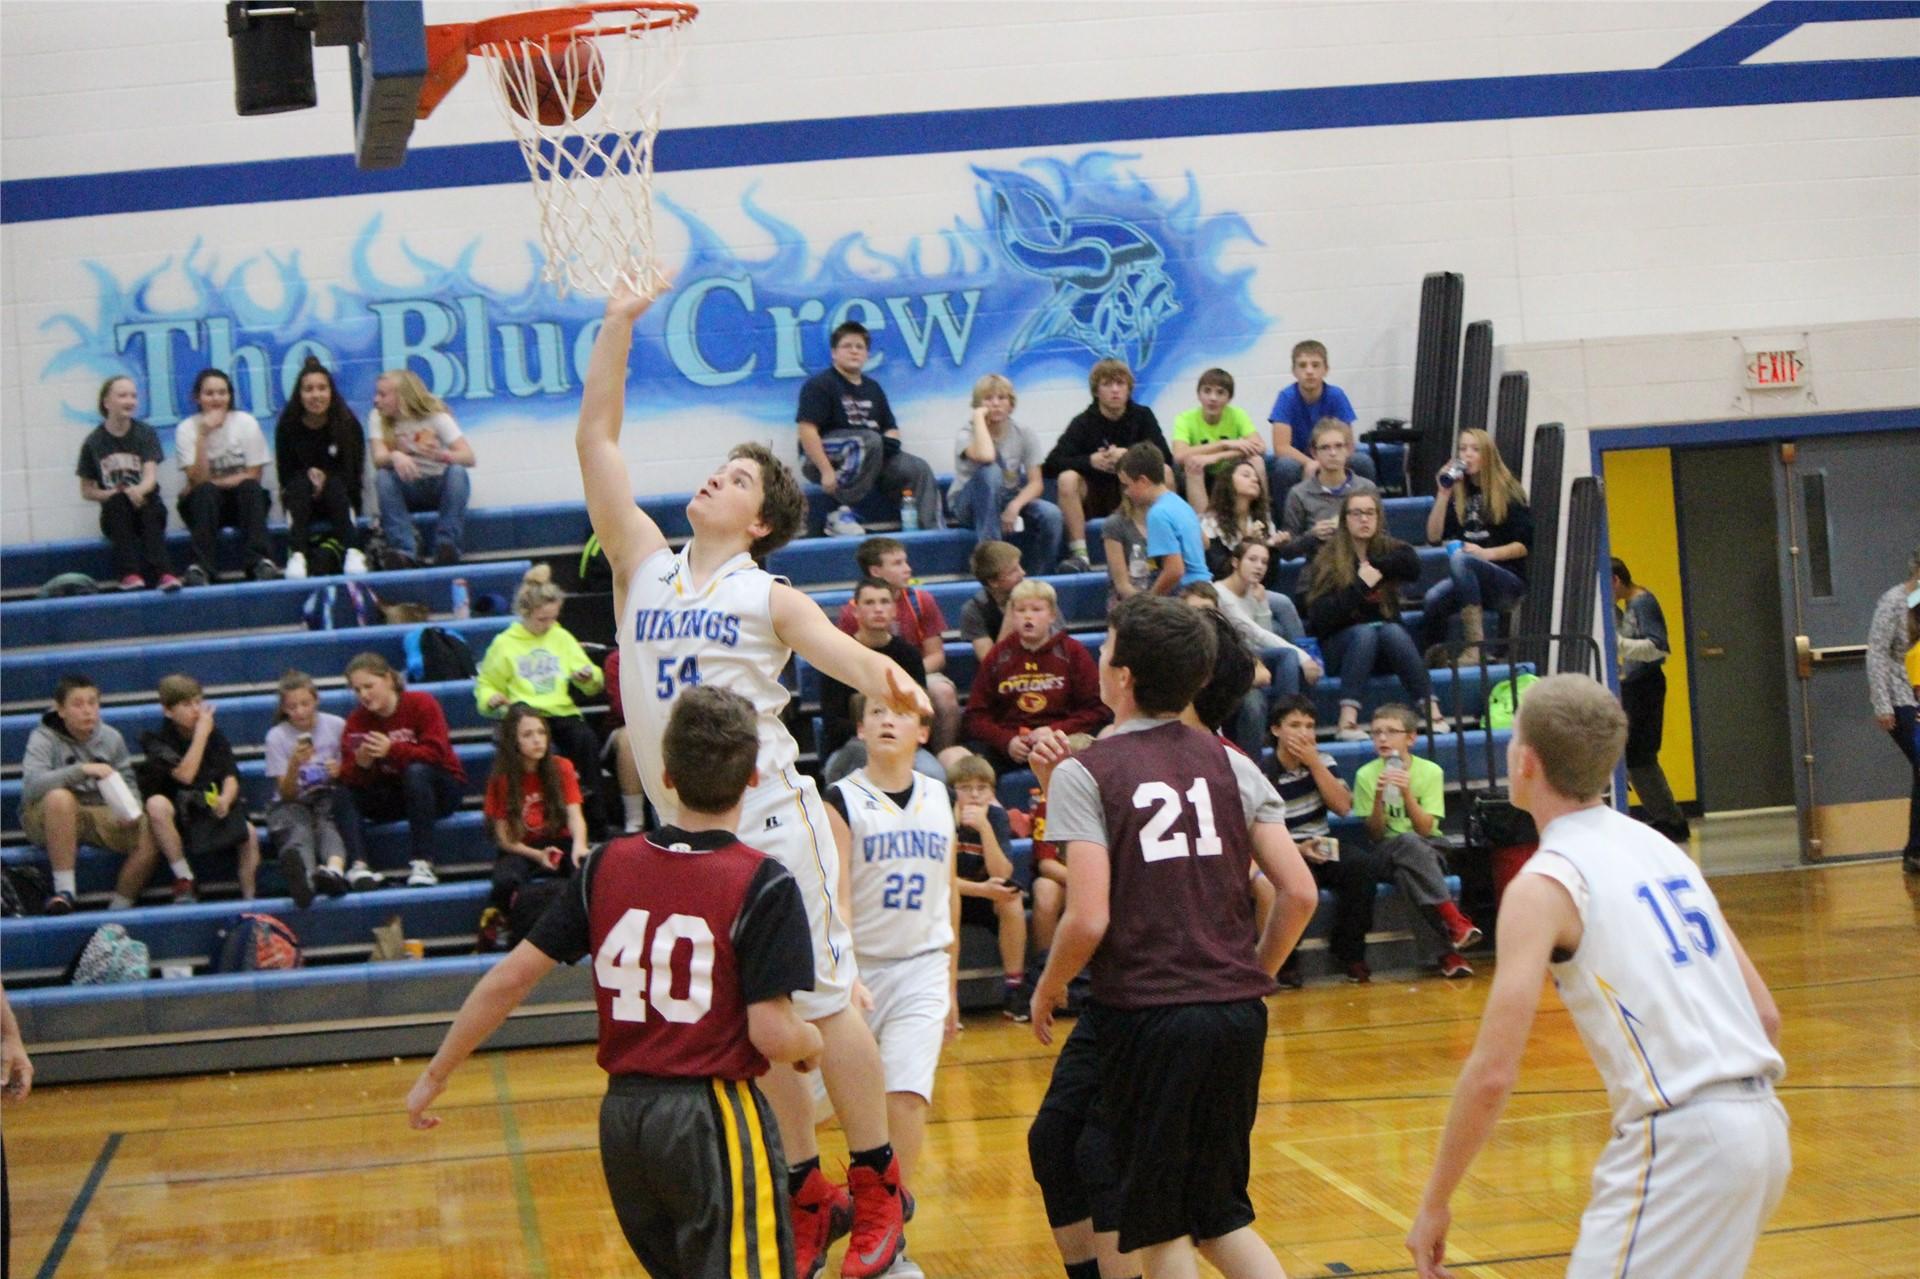 Group of boys playing basketball